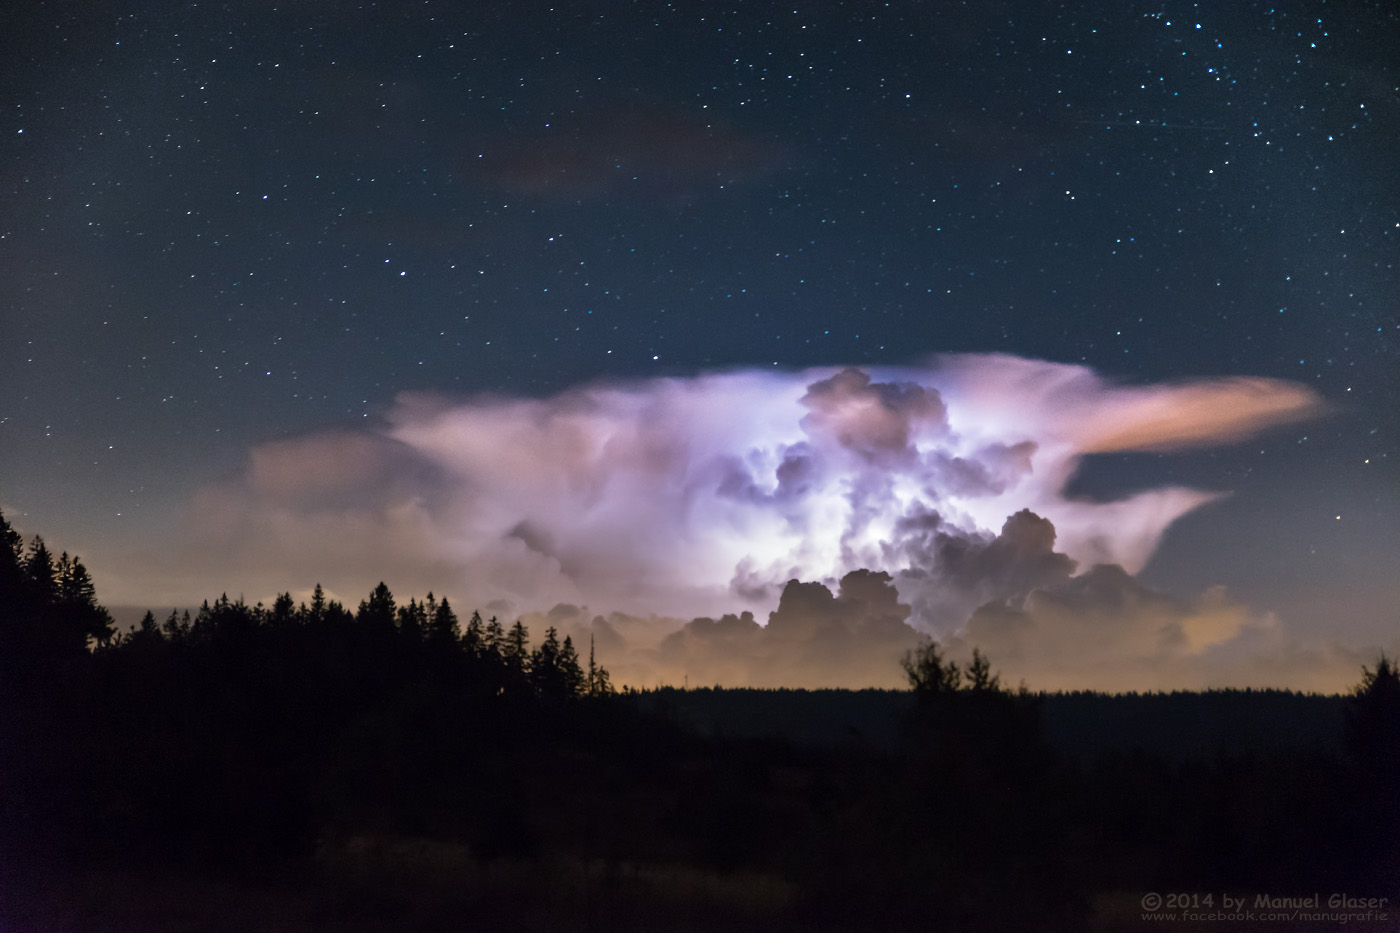 Blitz in Gewitterwolke unter'm Sternenhimmel